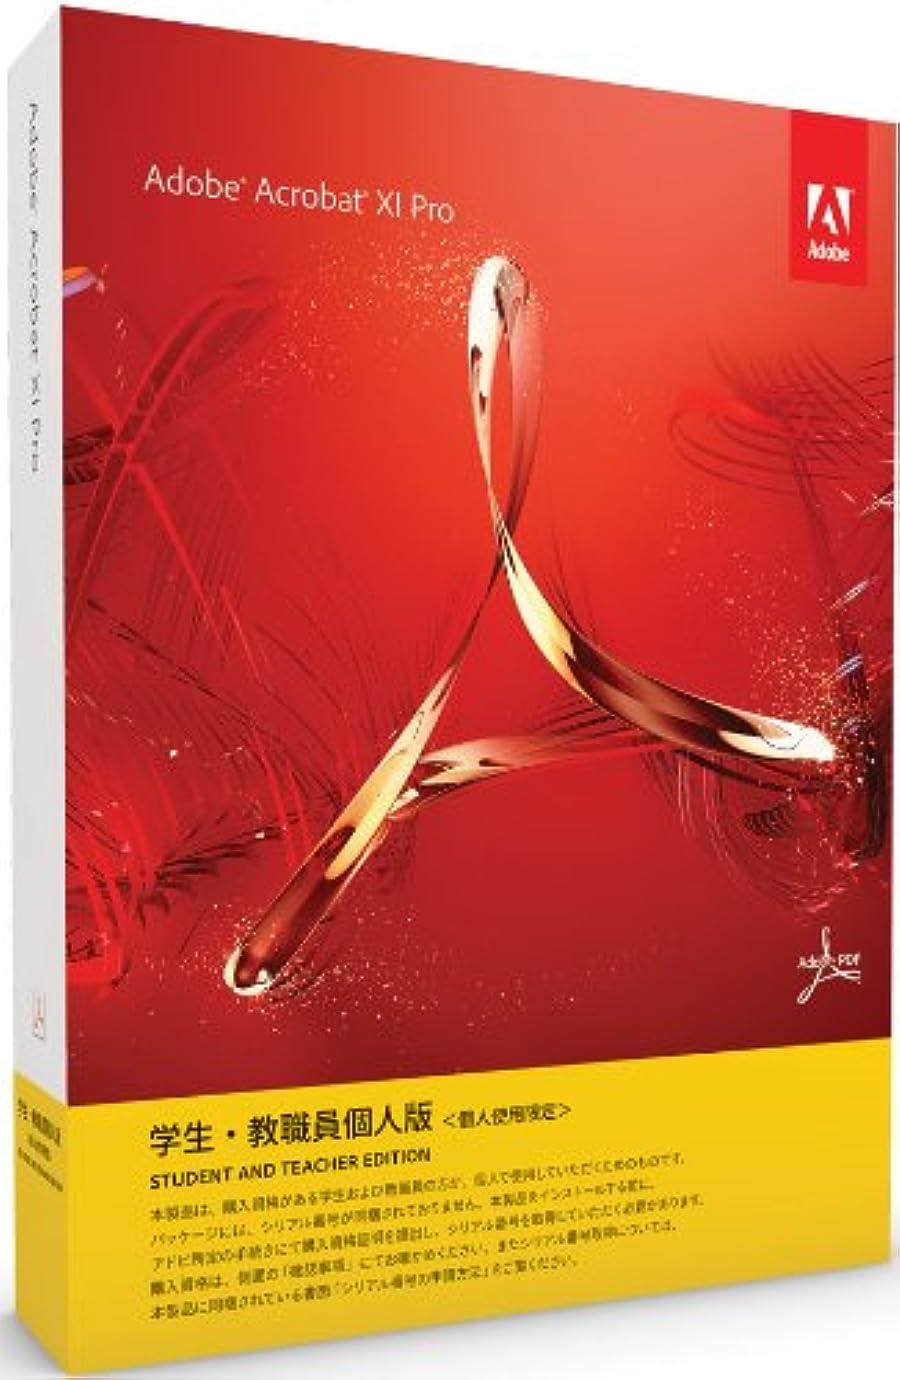 有効な不運きつく学生?教職員個人版 Adobe Acrobat 11 Pro(旧商品) Windows版 (要シリアル番号申請)